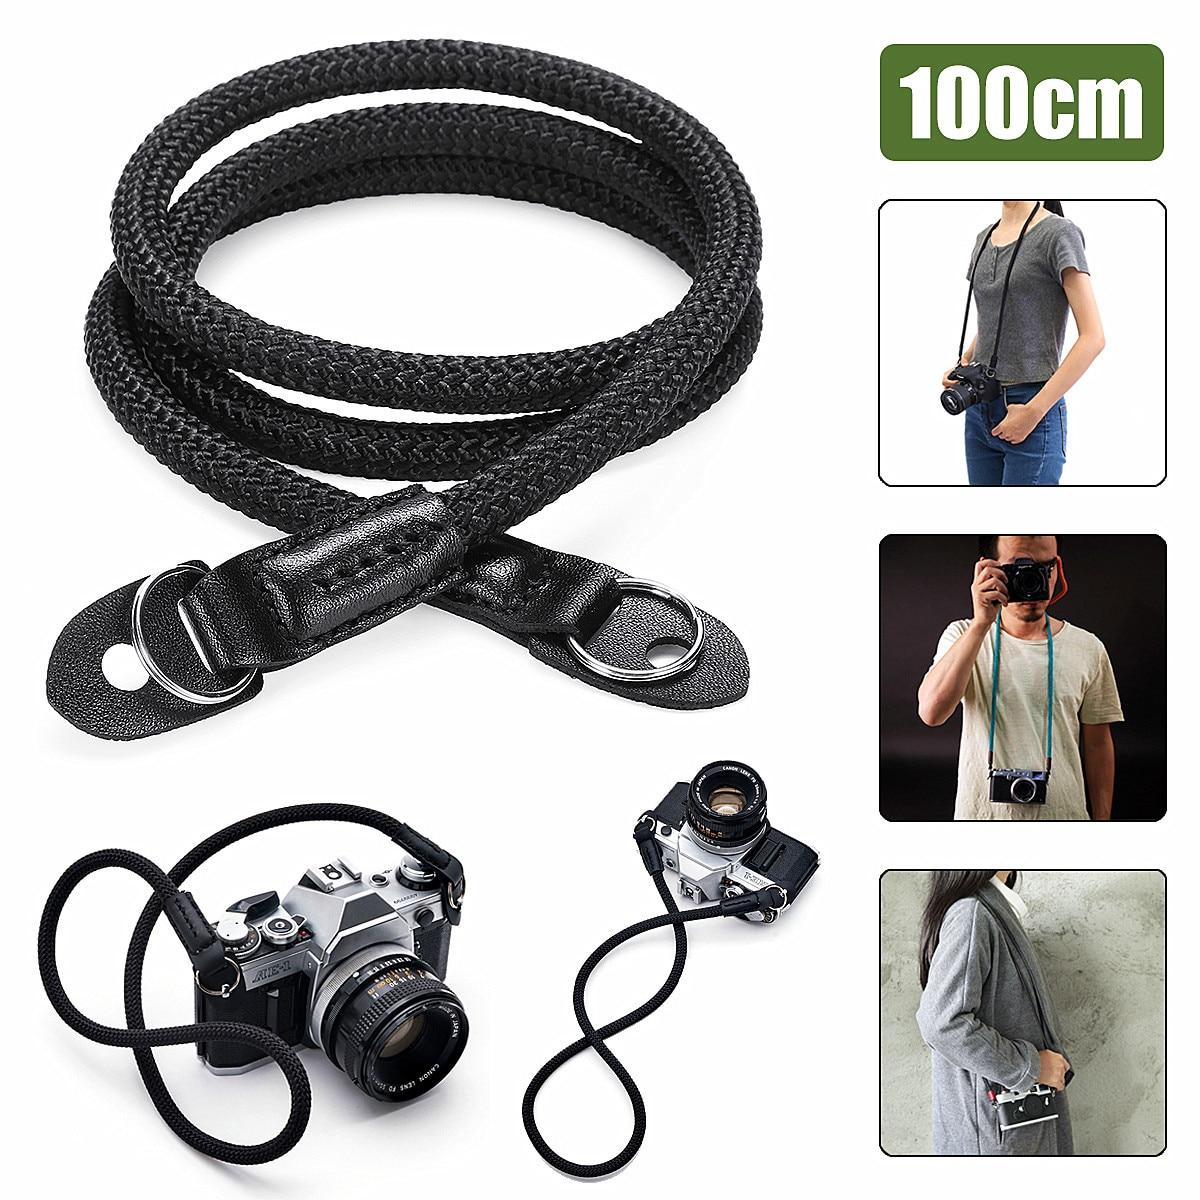 Cuerda Cámara Correa cuero negro trenzado hombro solo cuello correa hecha a mano cuerda para Micro cámara Digital para Leica para Sony